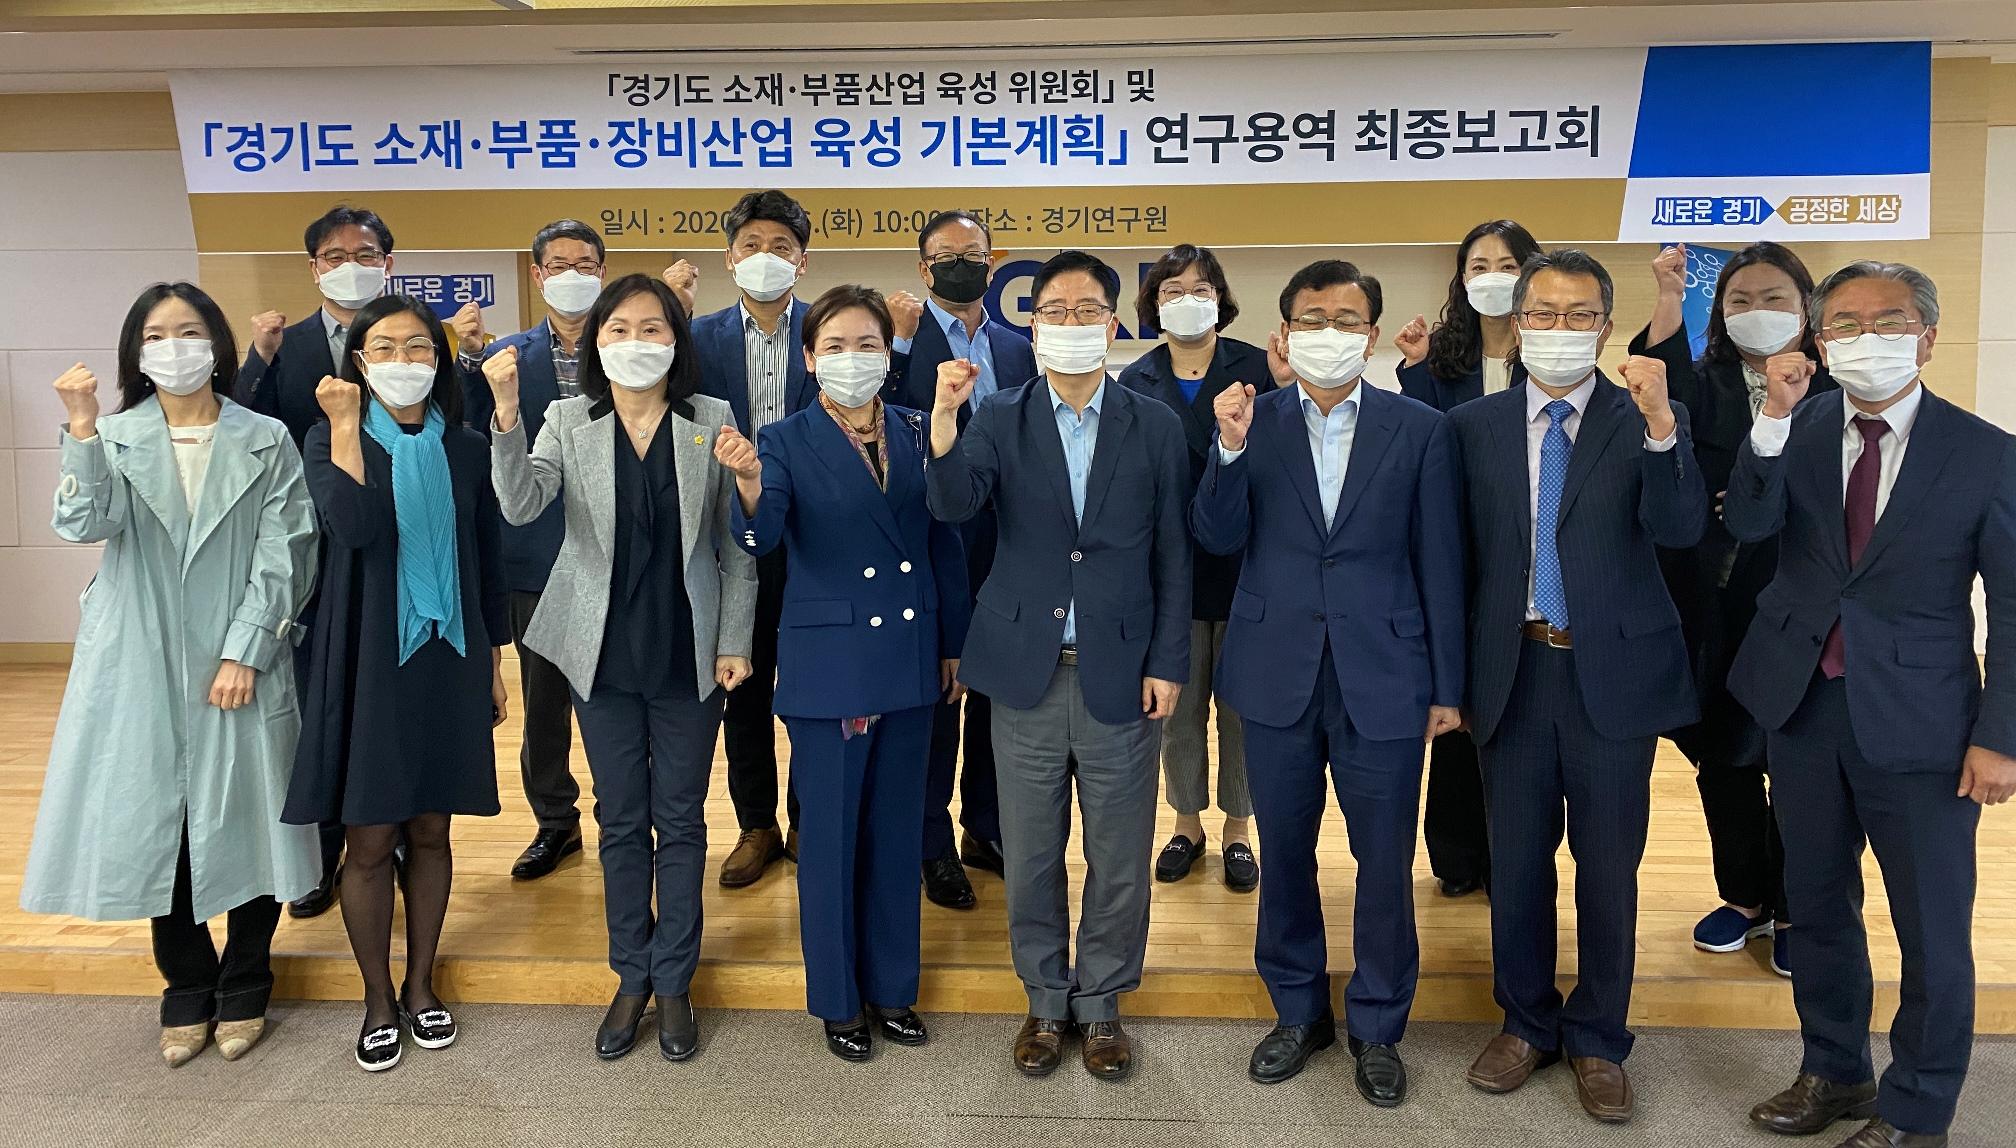 일본 수출규제 1년‥기술독립 토대 '경기도형 소부장 육성 계획' 밑그림 나와